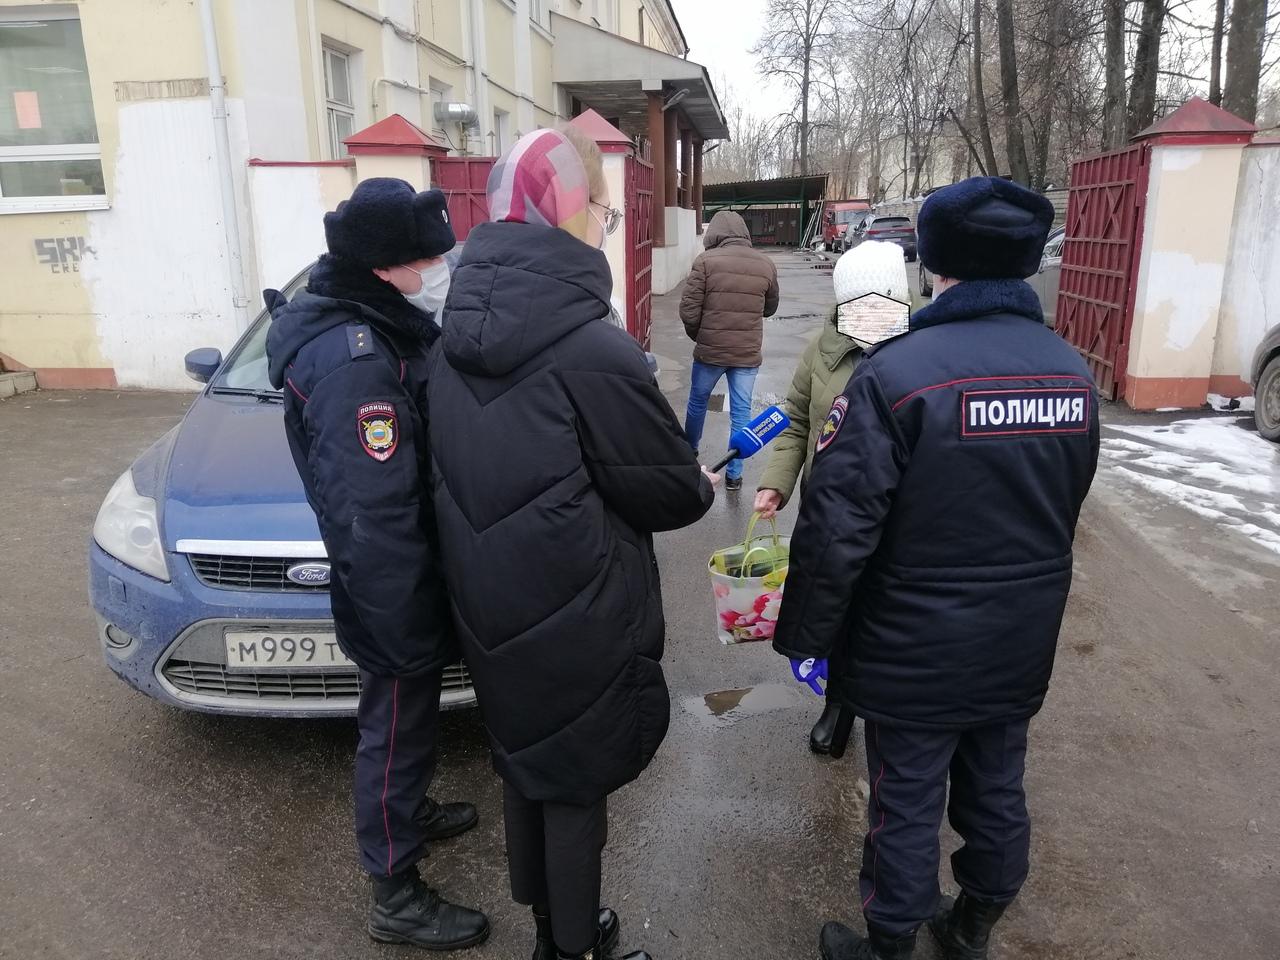 В Ивановской области за нарушение самоизоляции «посадили» на пять суток